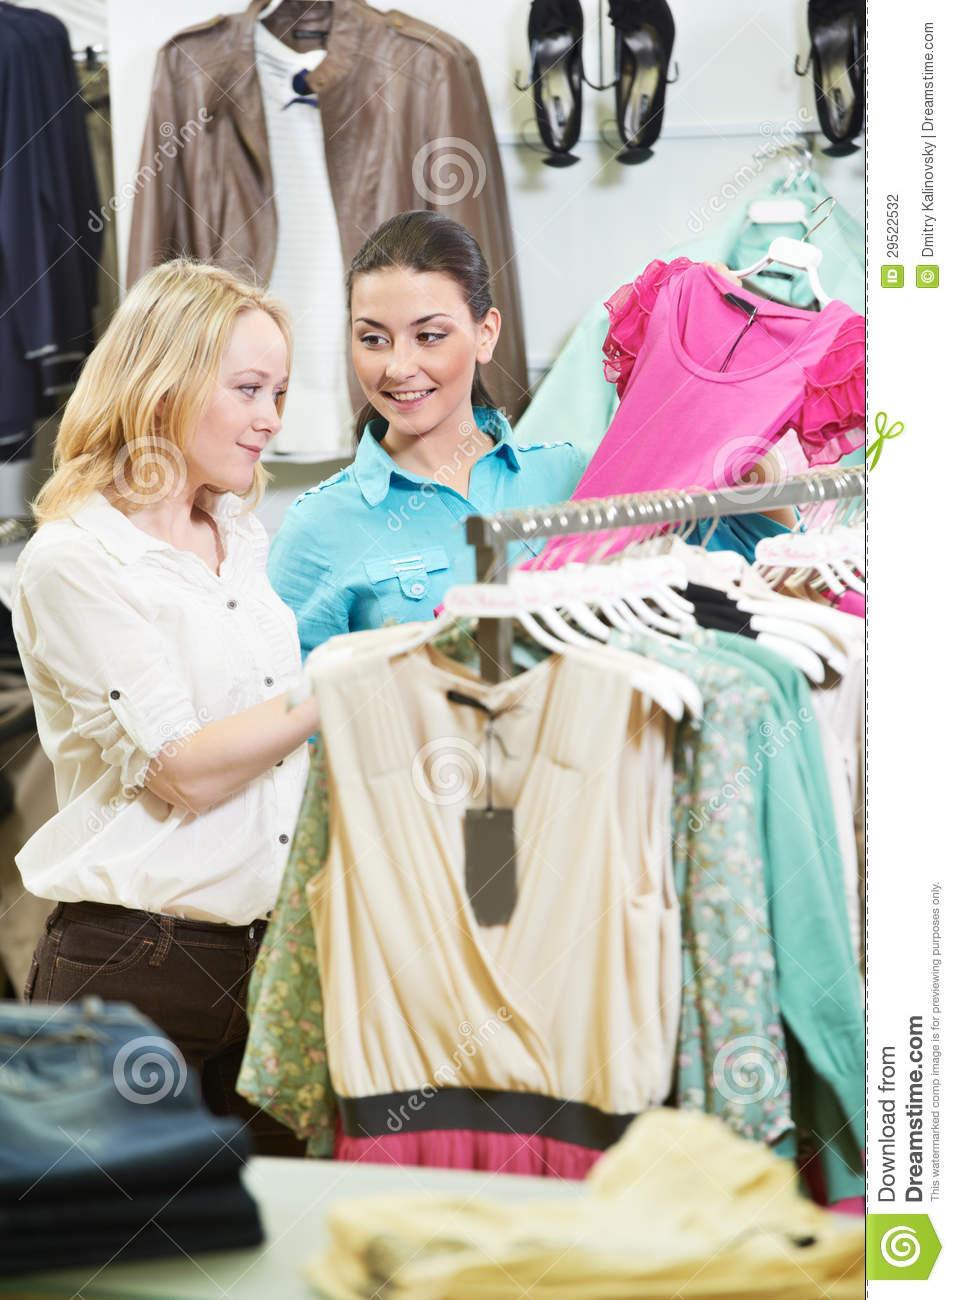 Abend Schön Kleider Einkaufen Vertrieb10 Schön Kleider Einkaufen Spezialgebiet